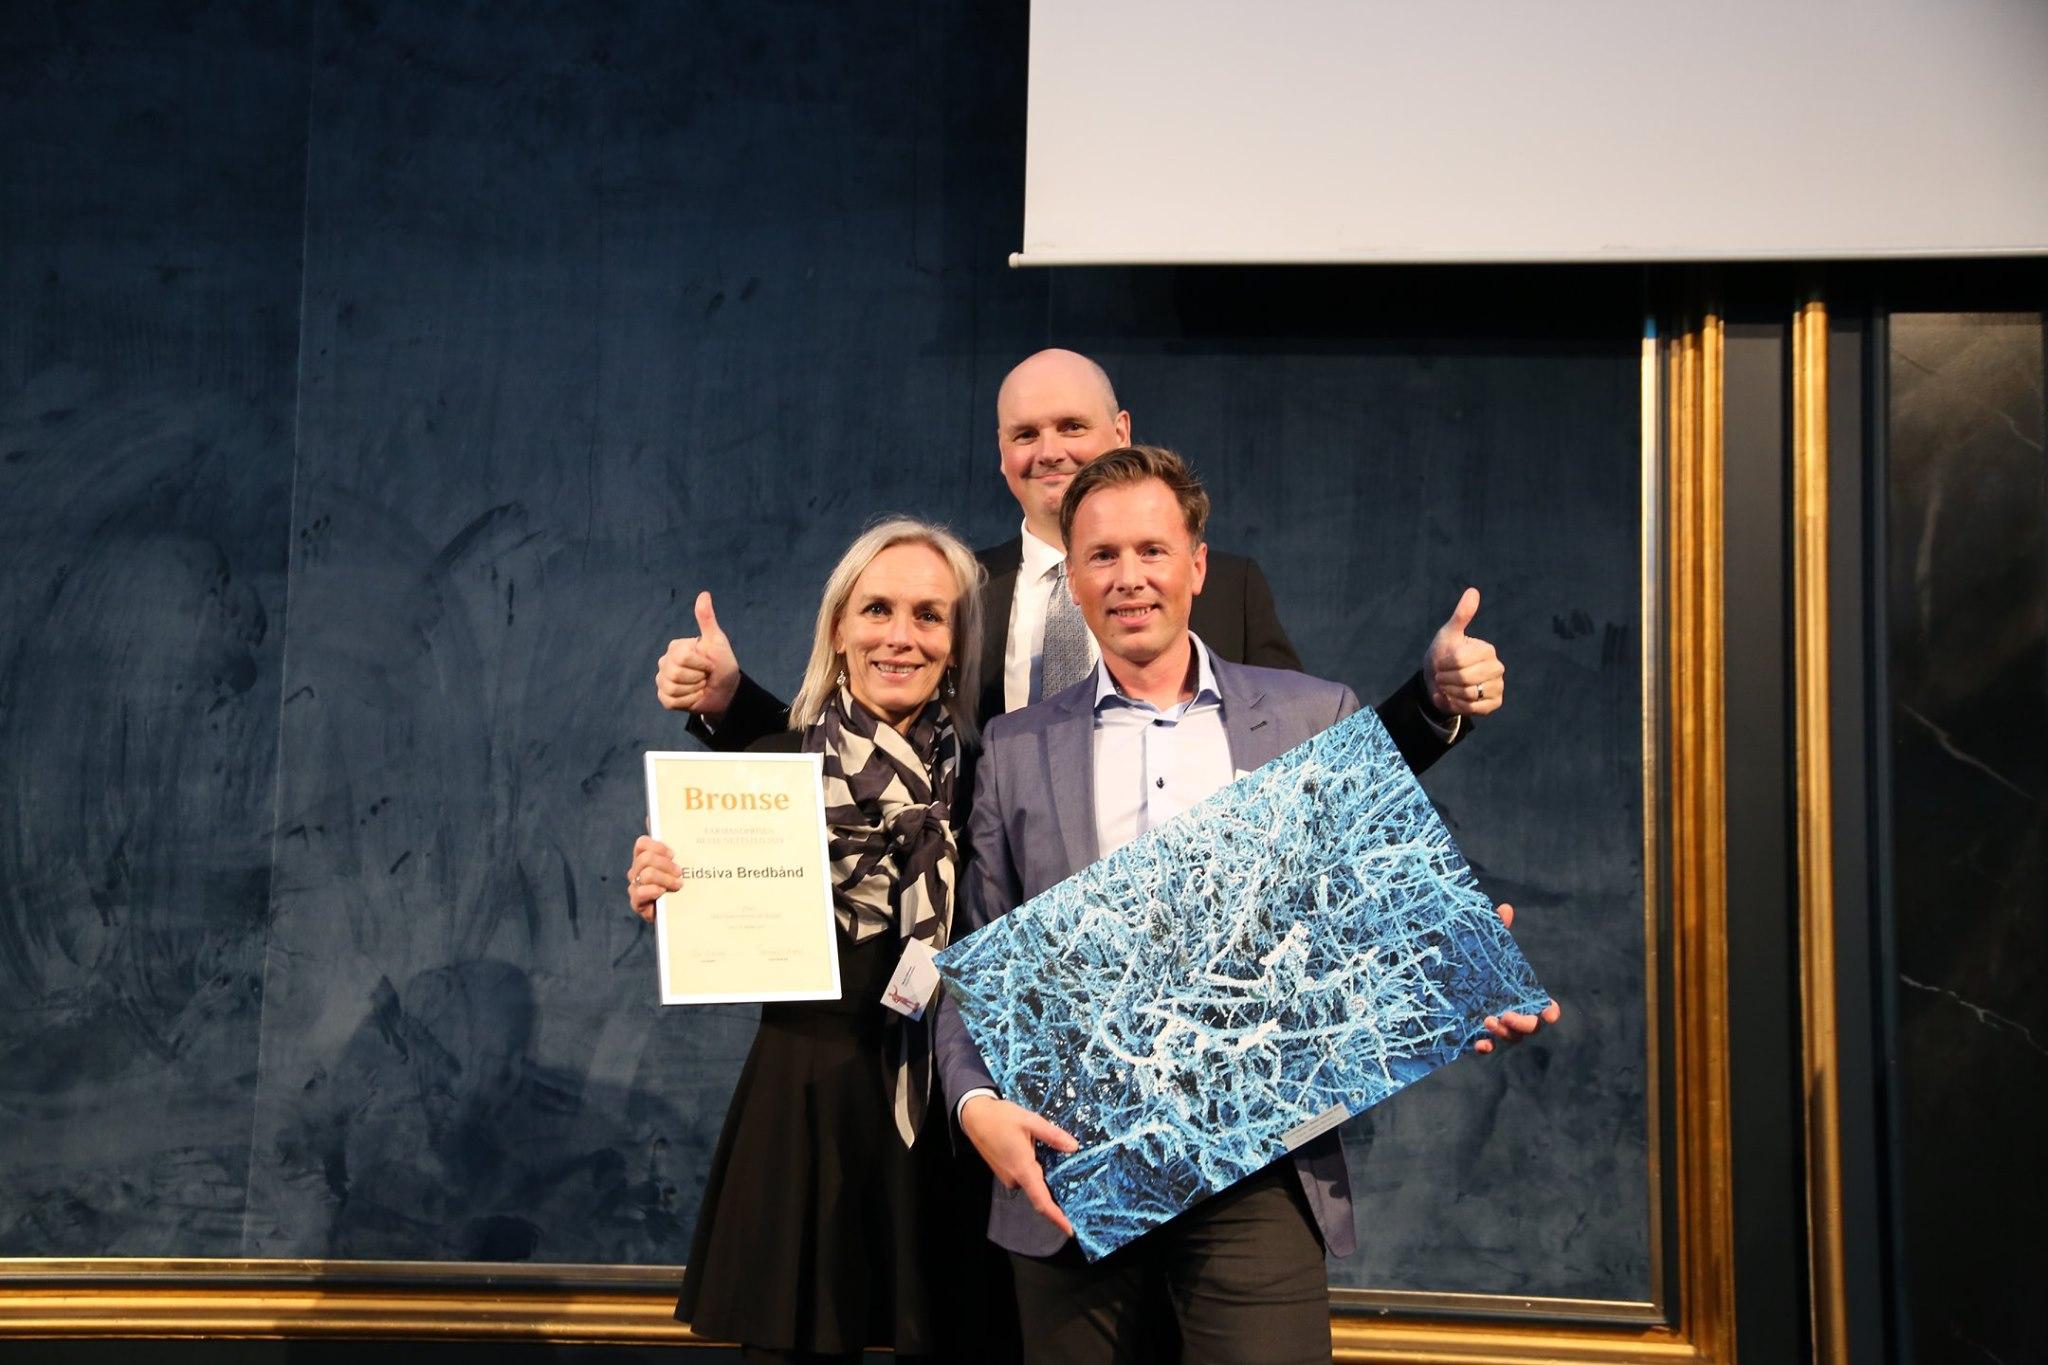 Nettsted Ikke-børsnoterte selskaper - 3. plass Eidsiva Bredbånd med Eidsiva.net